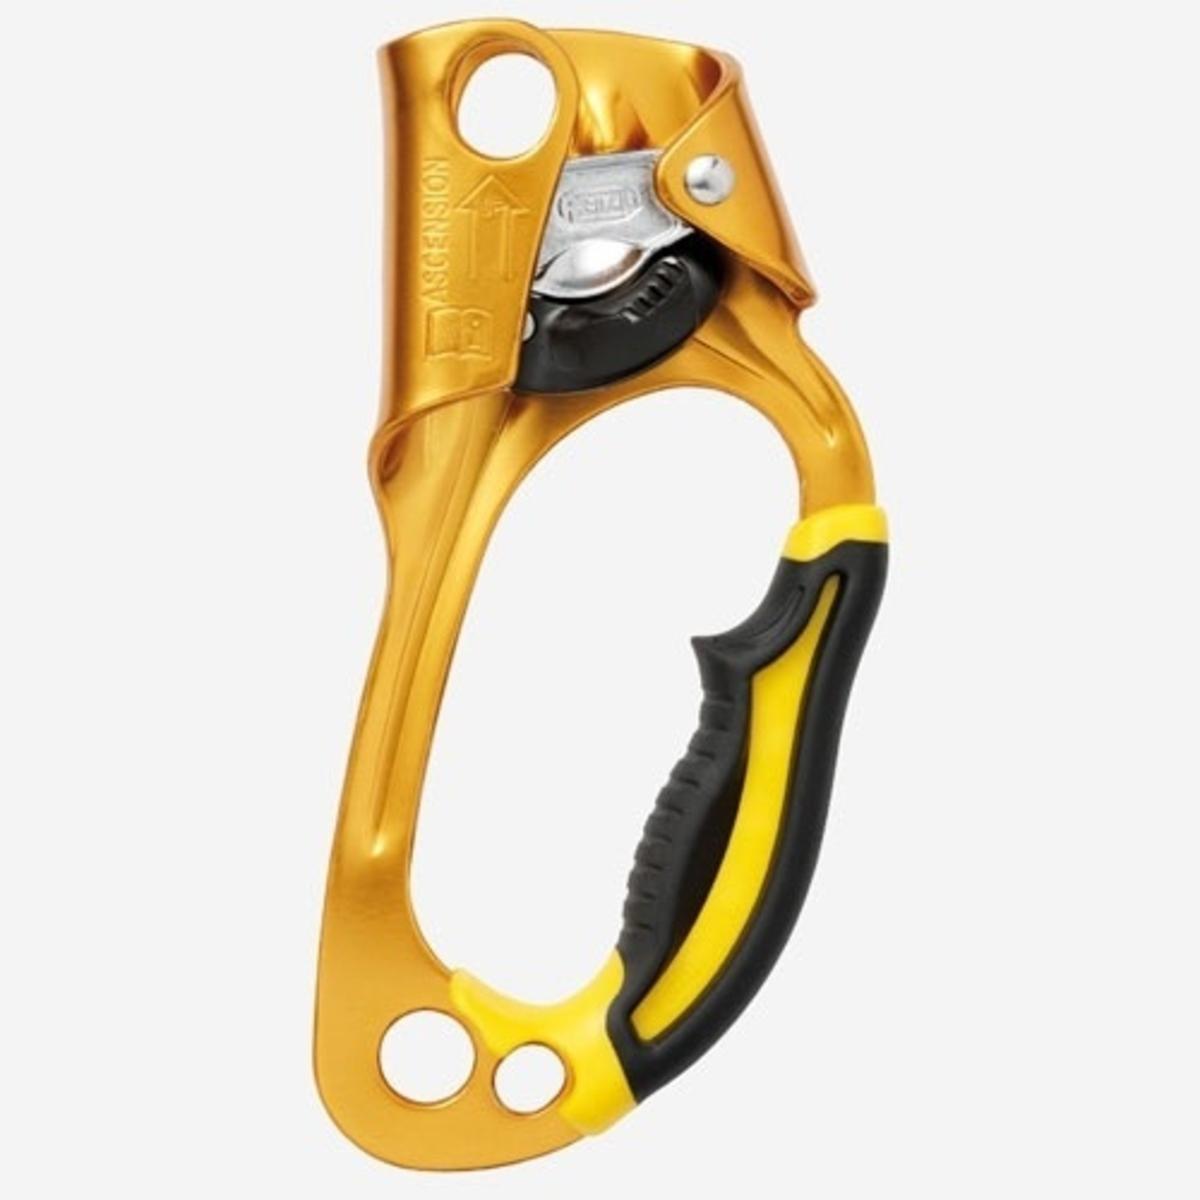 color amarillo Bloqueador para escalada Petzl Seilklemme Ascension Rechts